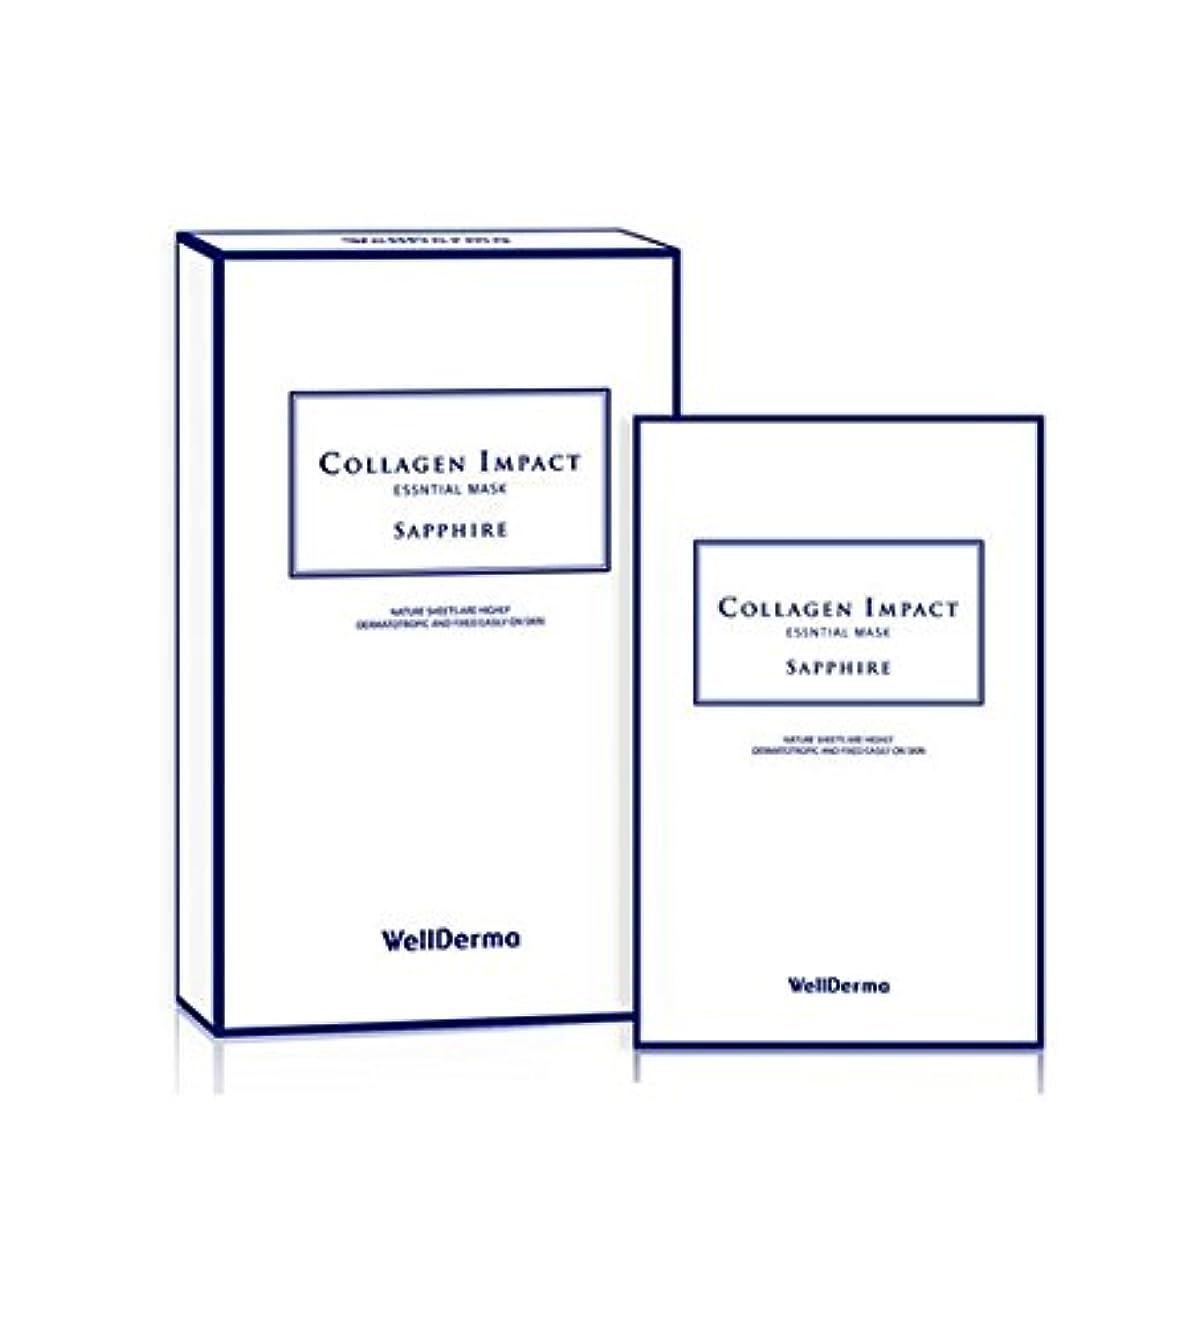 ウェルダーマ コラーゲンインパクトエッセンシャルマスクサファイア (10枚入) / Wellderma collagen impact essential mask sapphire [並行輸入品]